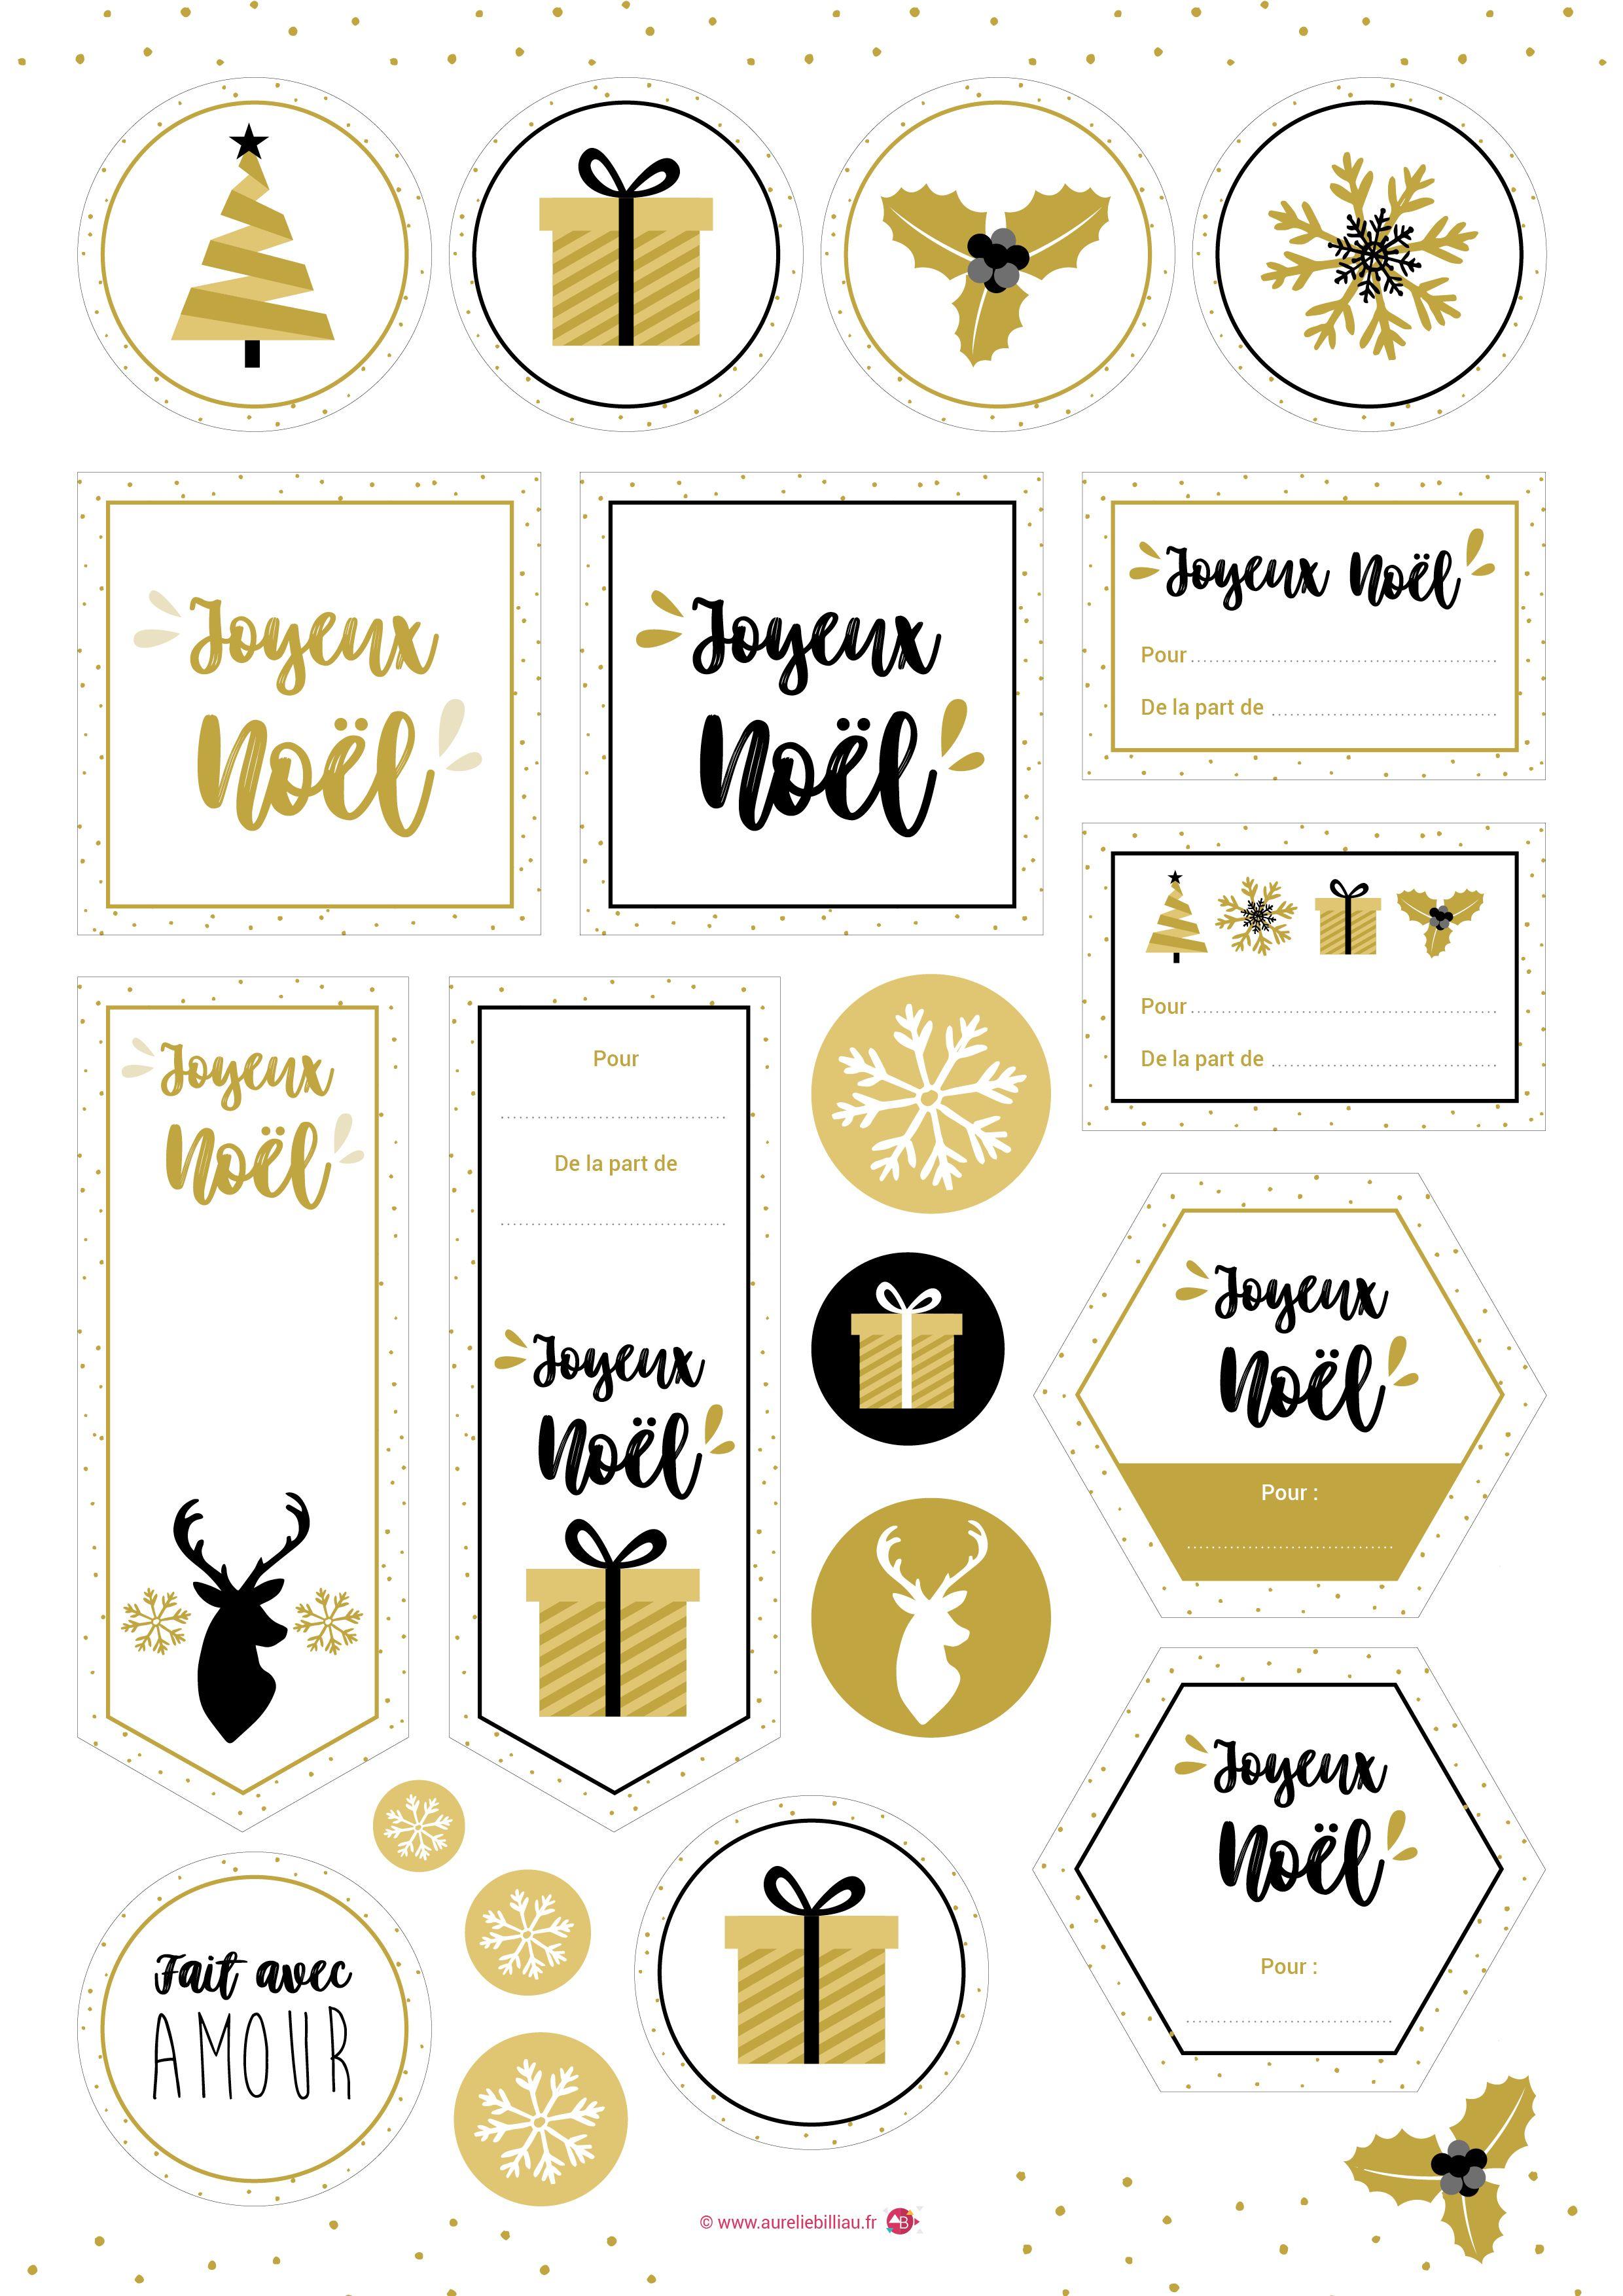 Freebies Etiquettes De Noel A Imprimer Gratuitement Ce Kit D